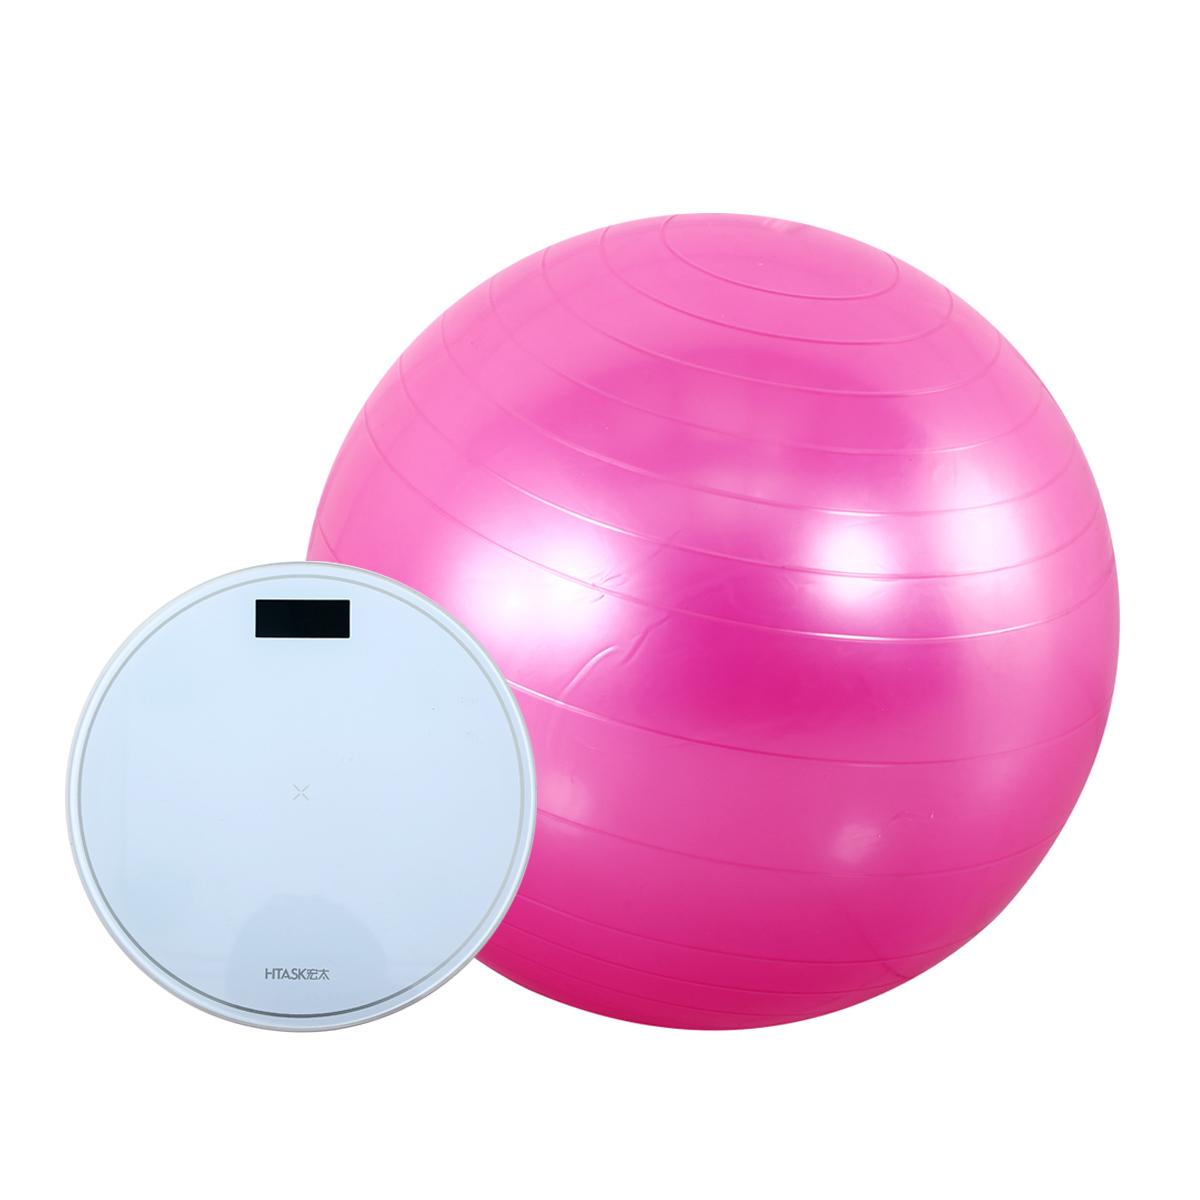 宏太HTASK 光滑瑜伽球+液晶背光電子秤帶溫度顯示 HT-01NQ-1ES